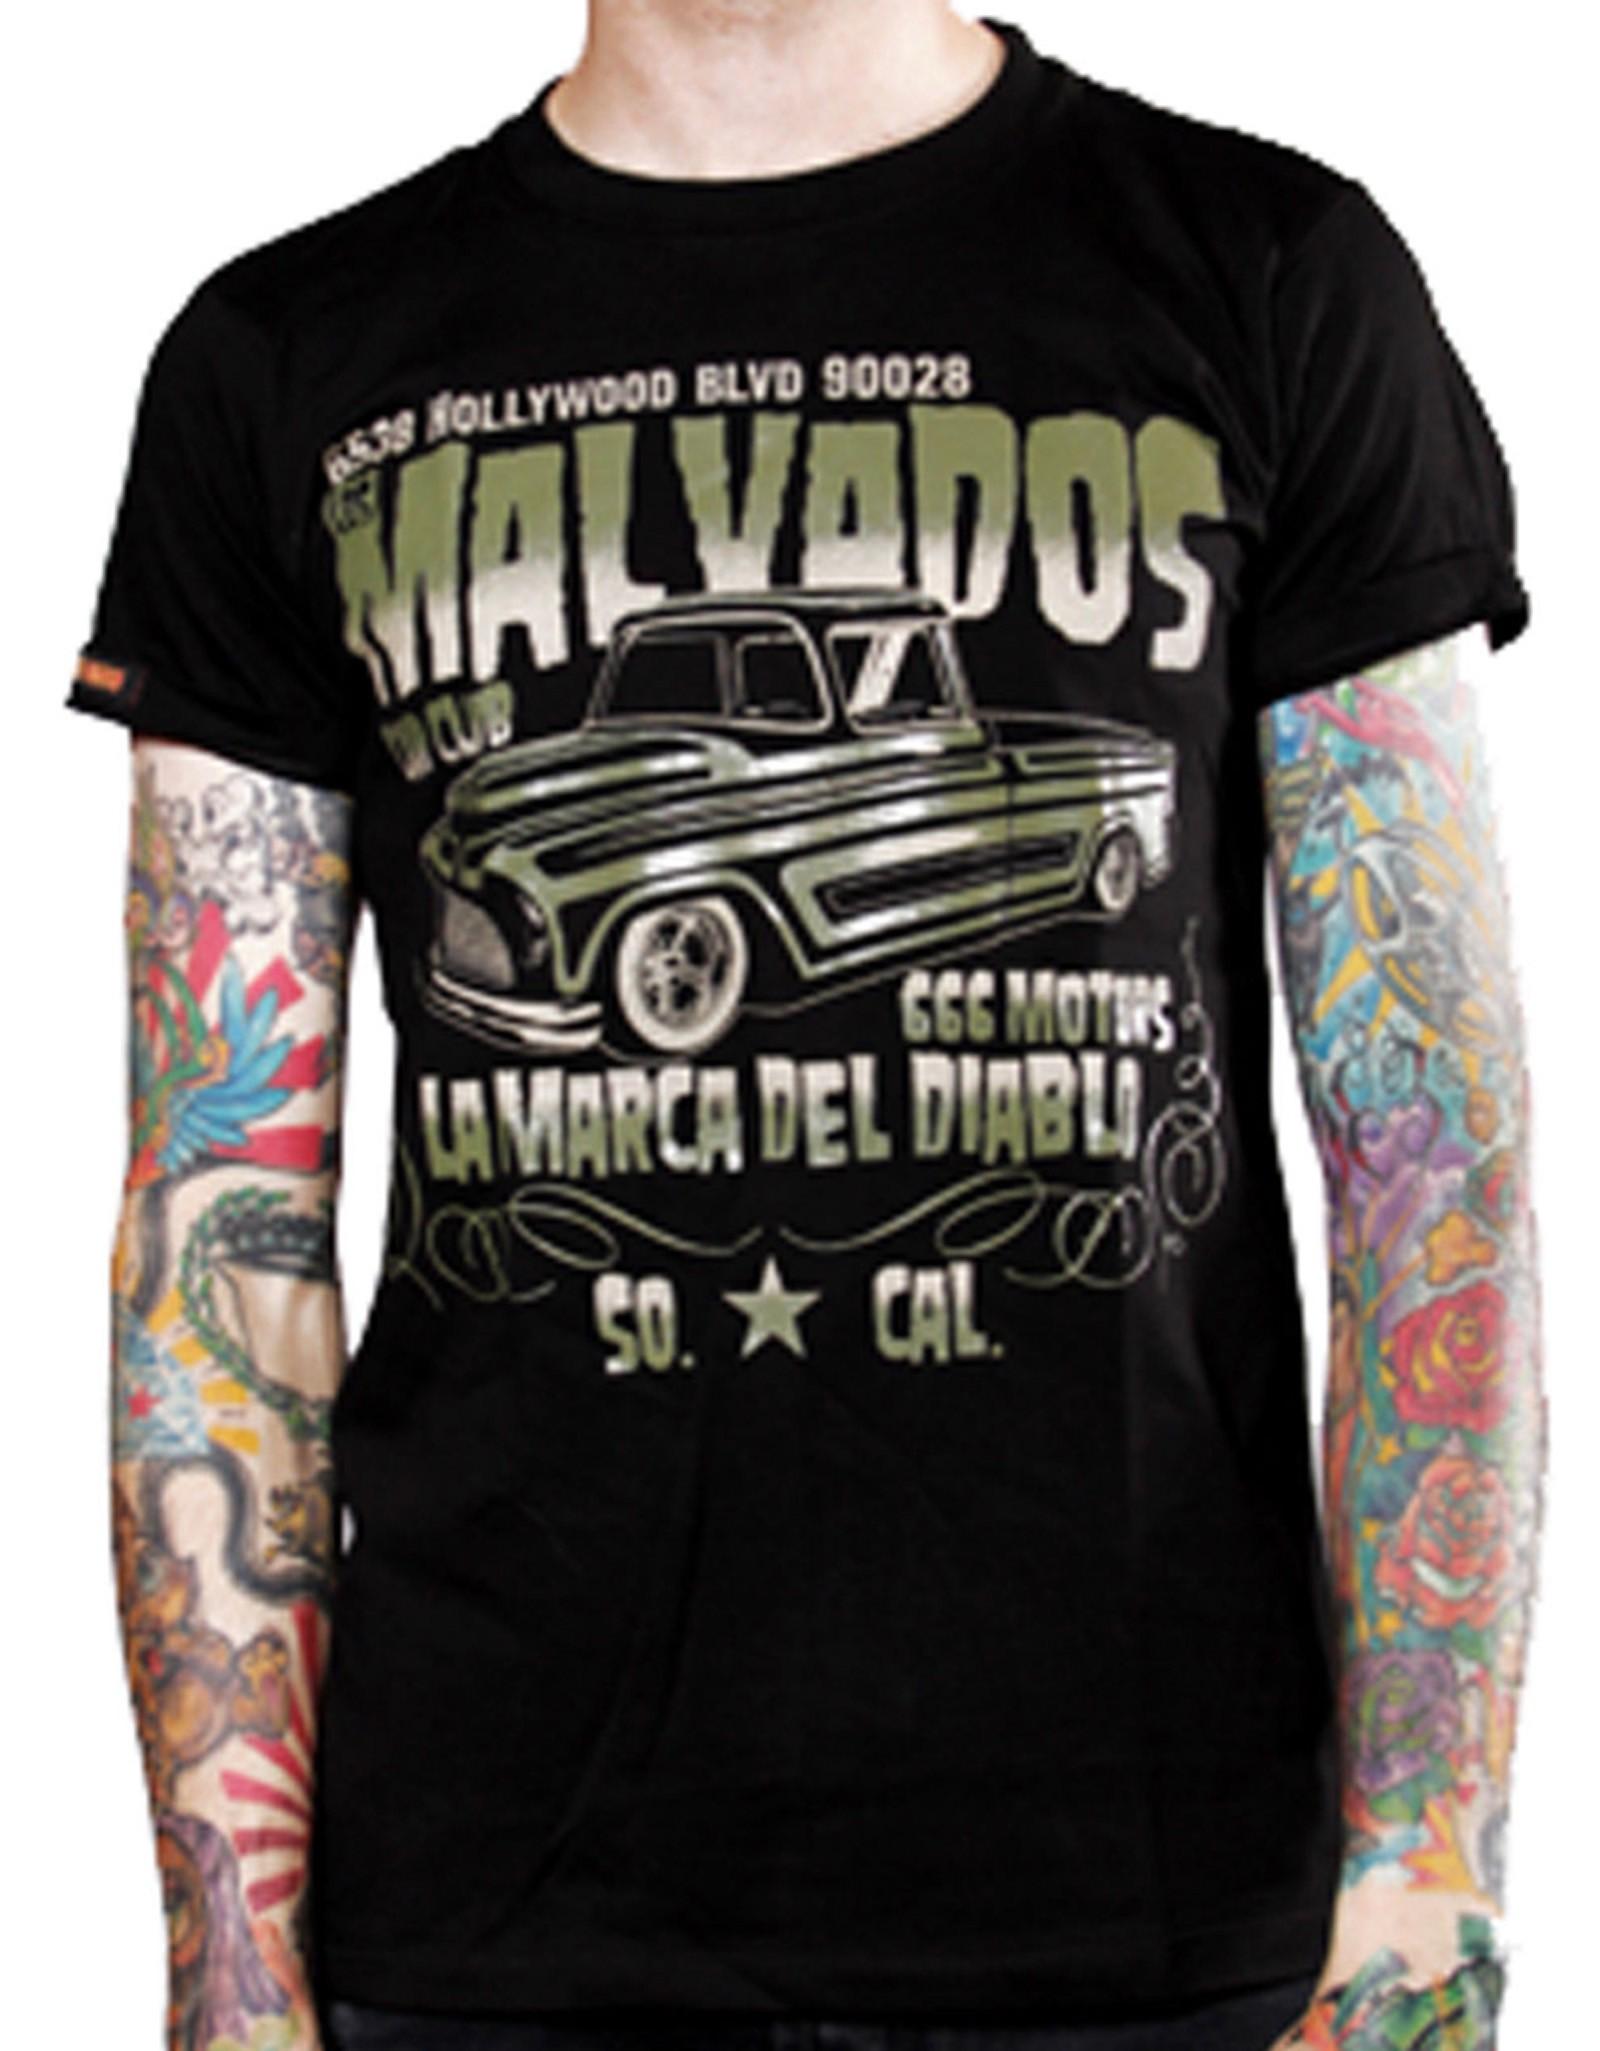 La Marca Del Diablo - Malvados T-Shirt Front